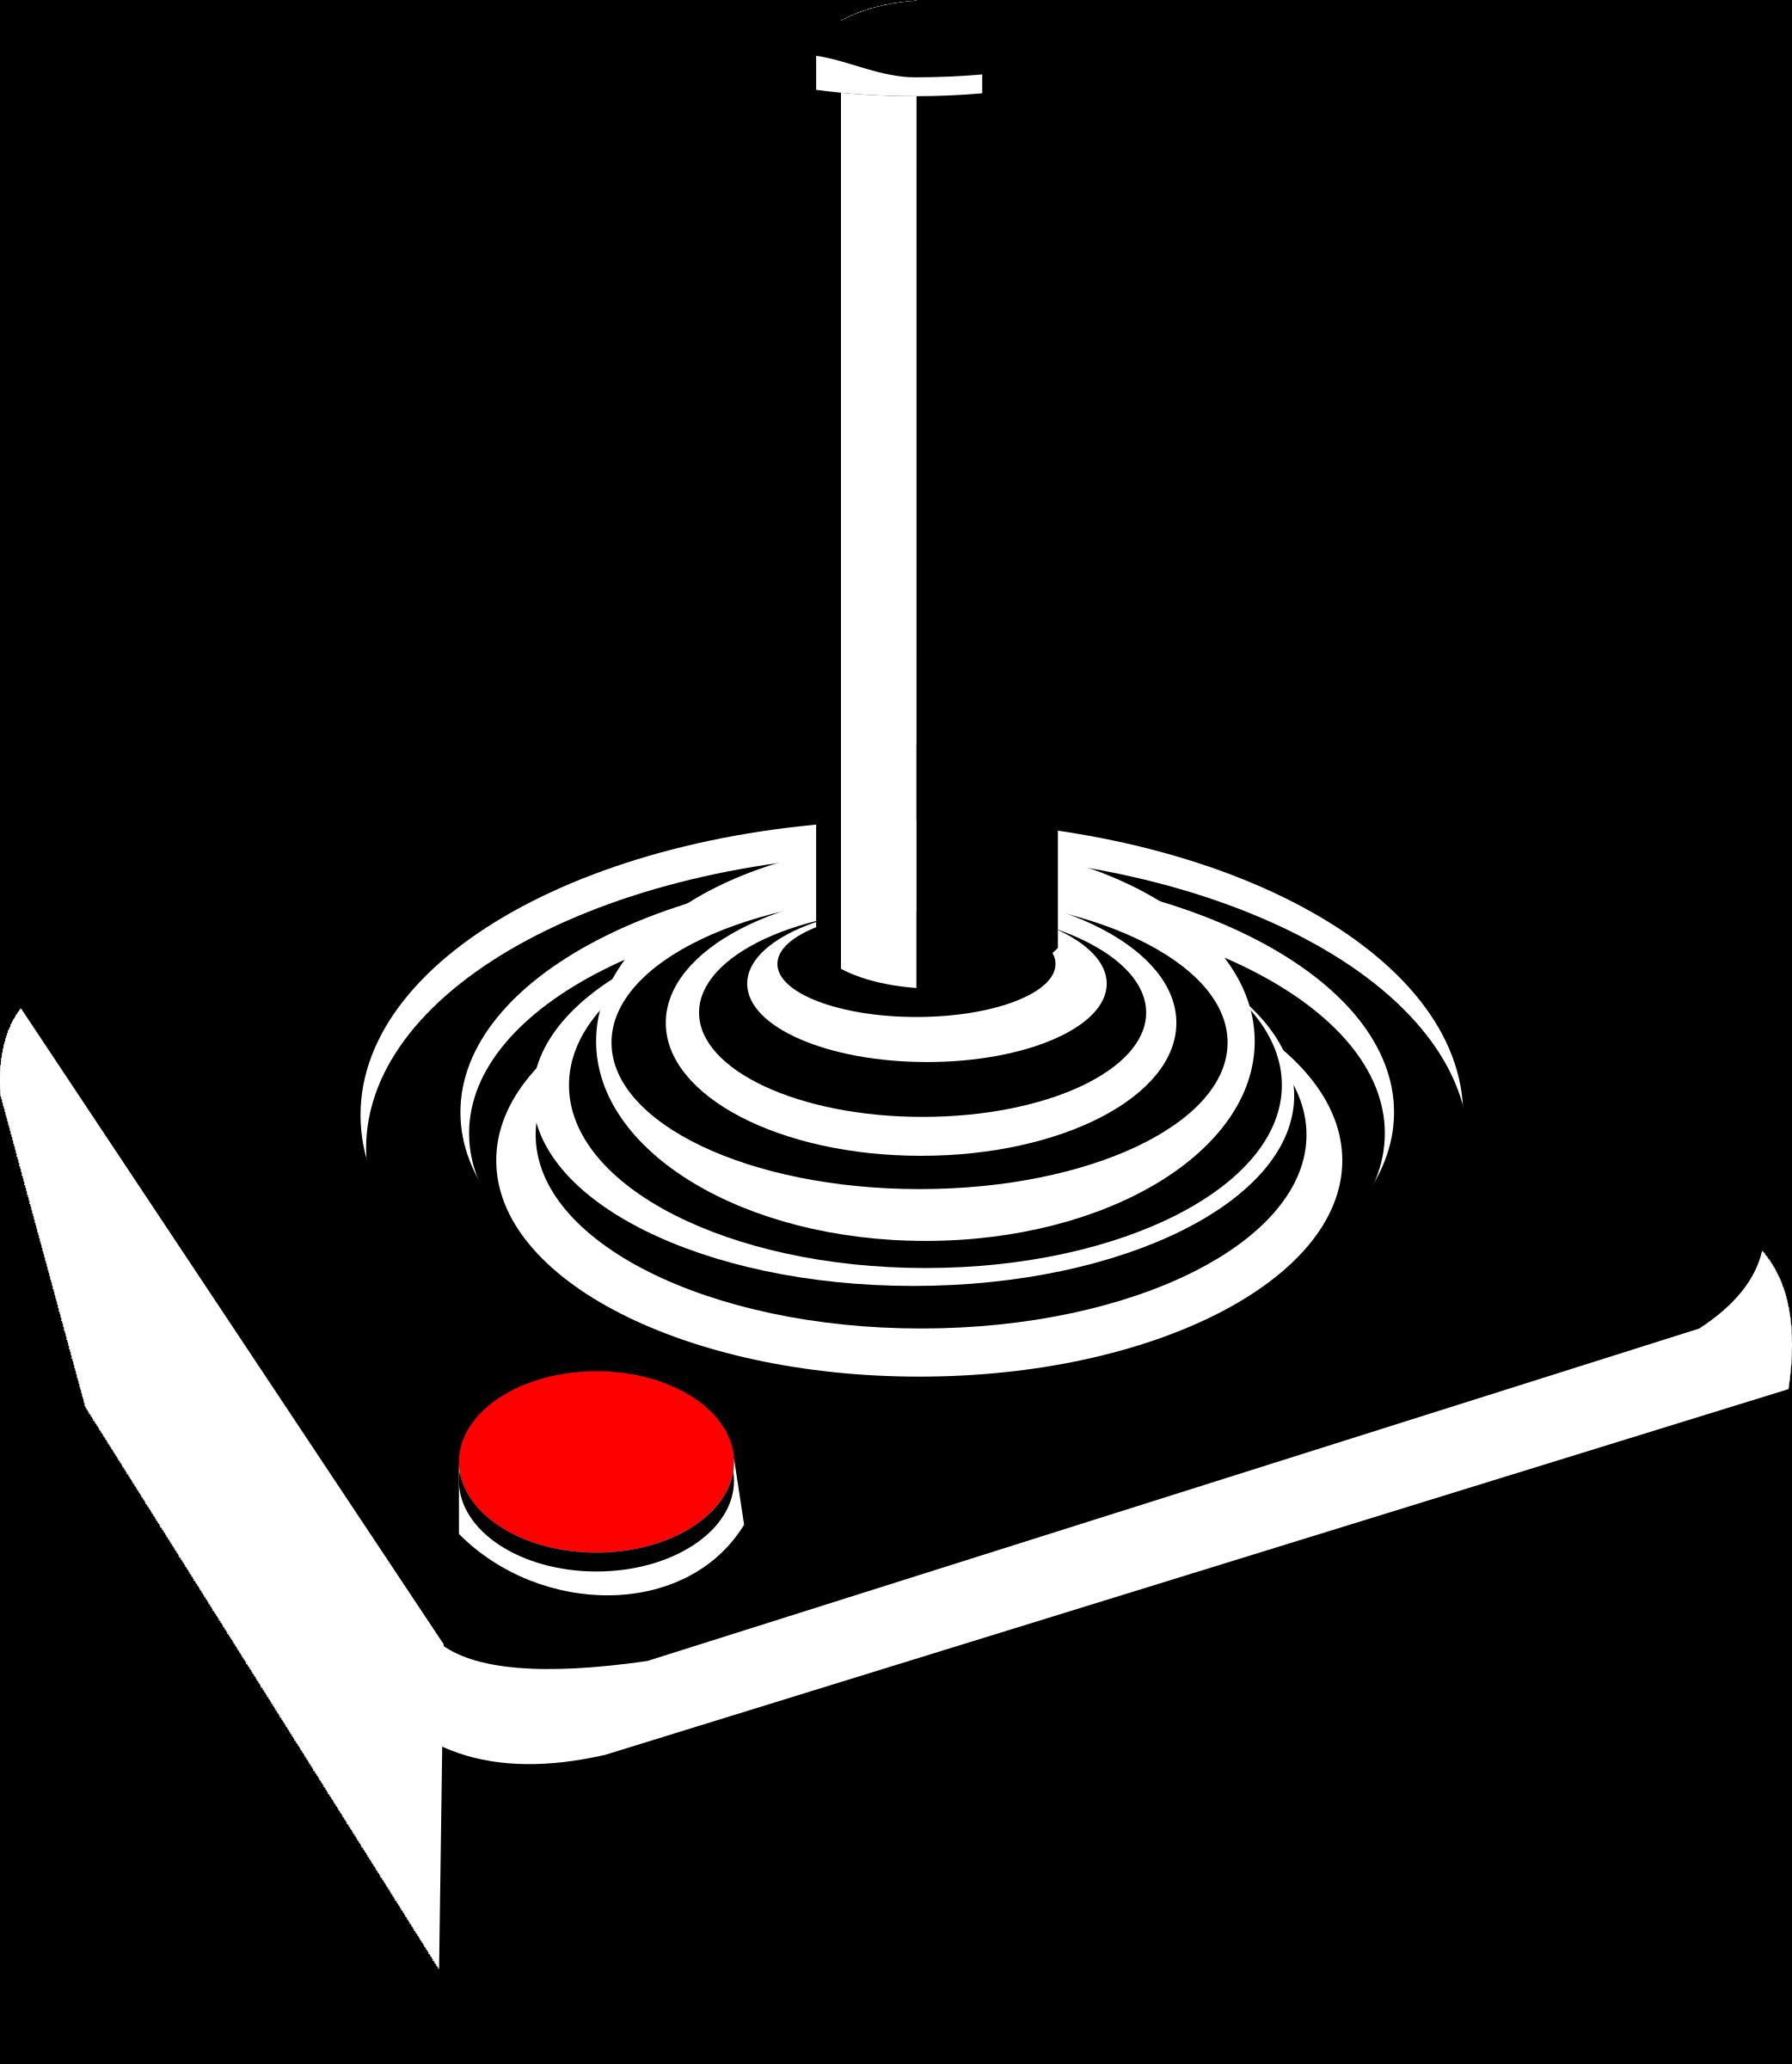 Clipart joystick big image. Computer clip art retro